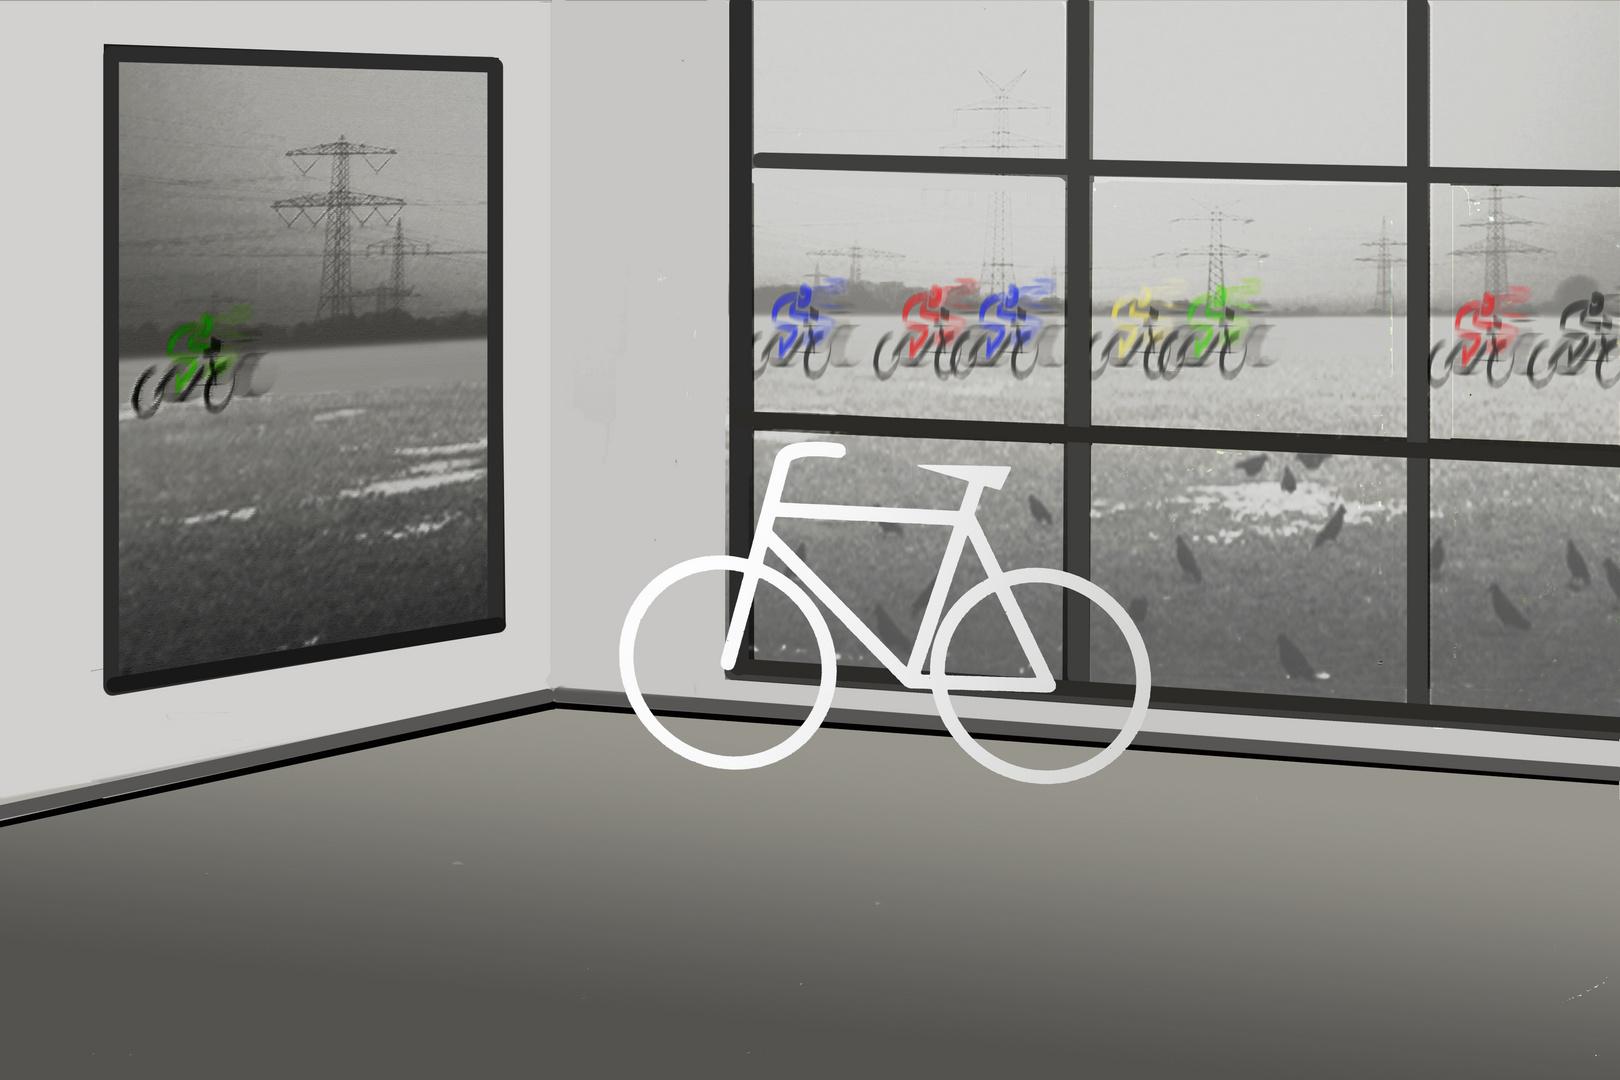 Radrennen - Der Nachzügler